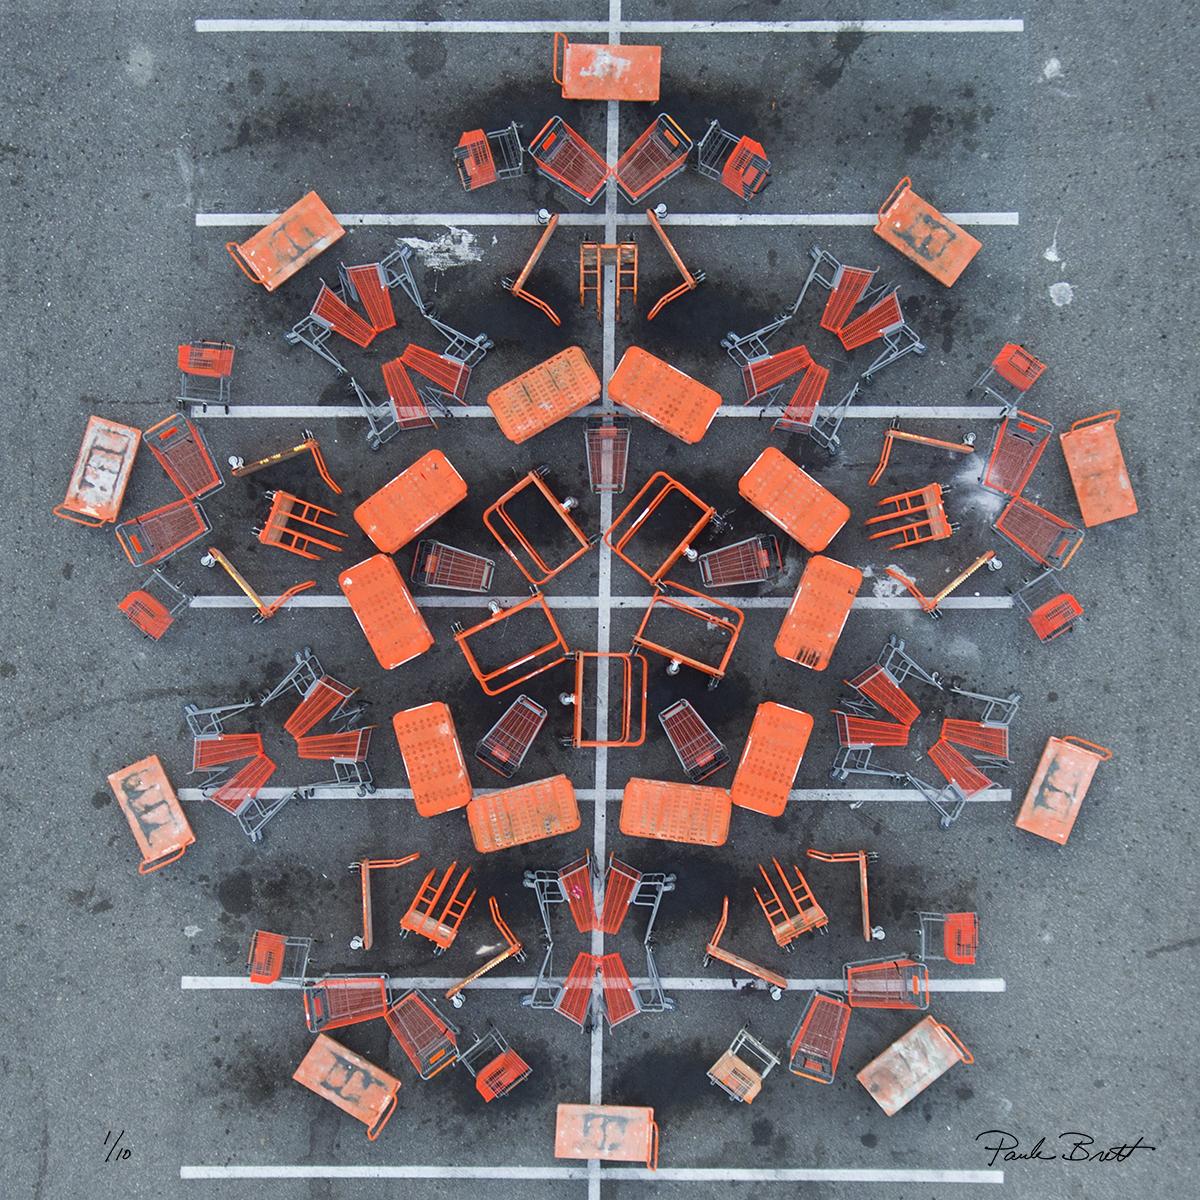 orangecarts_Paula_Brett_1-10_web.jpg